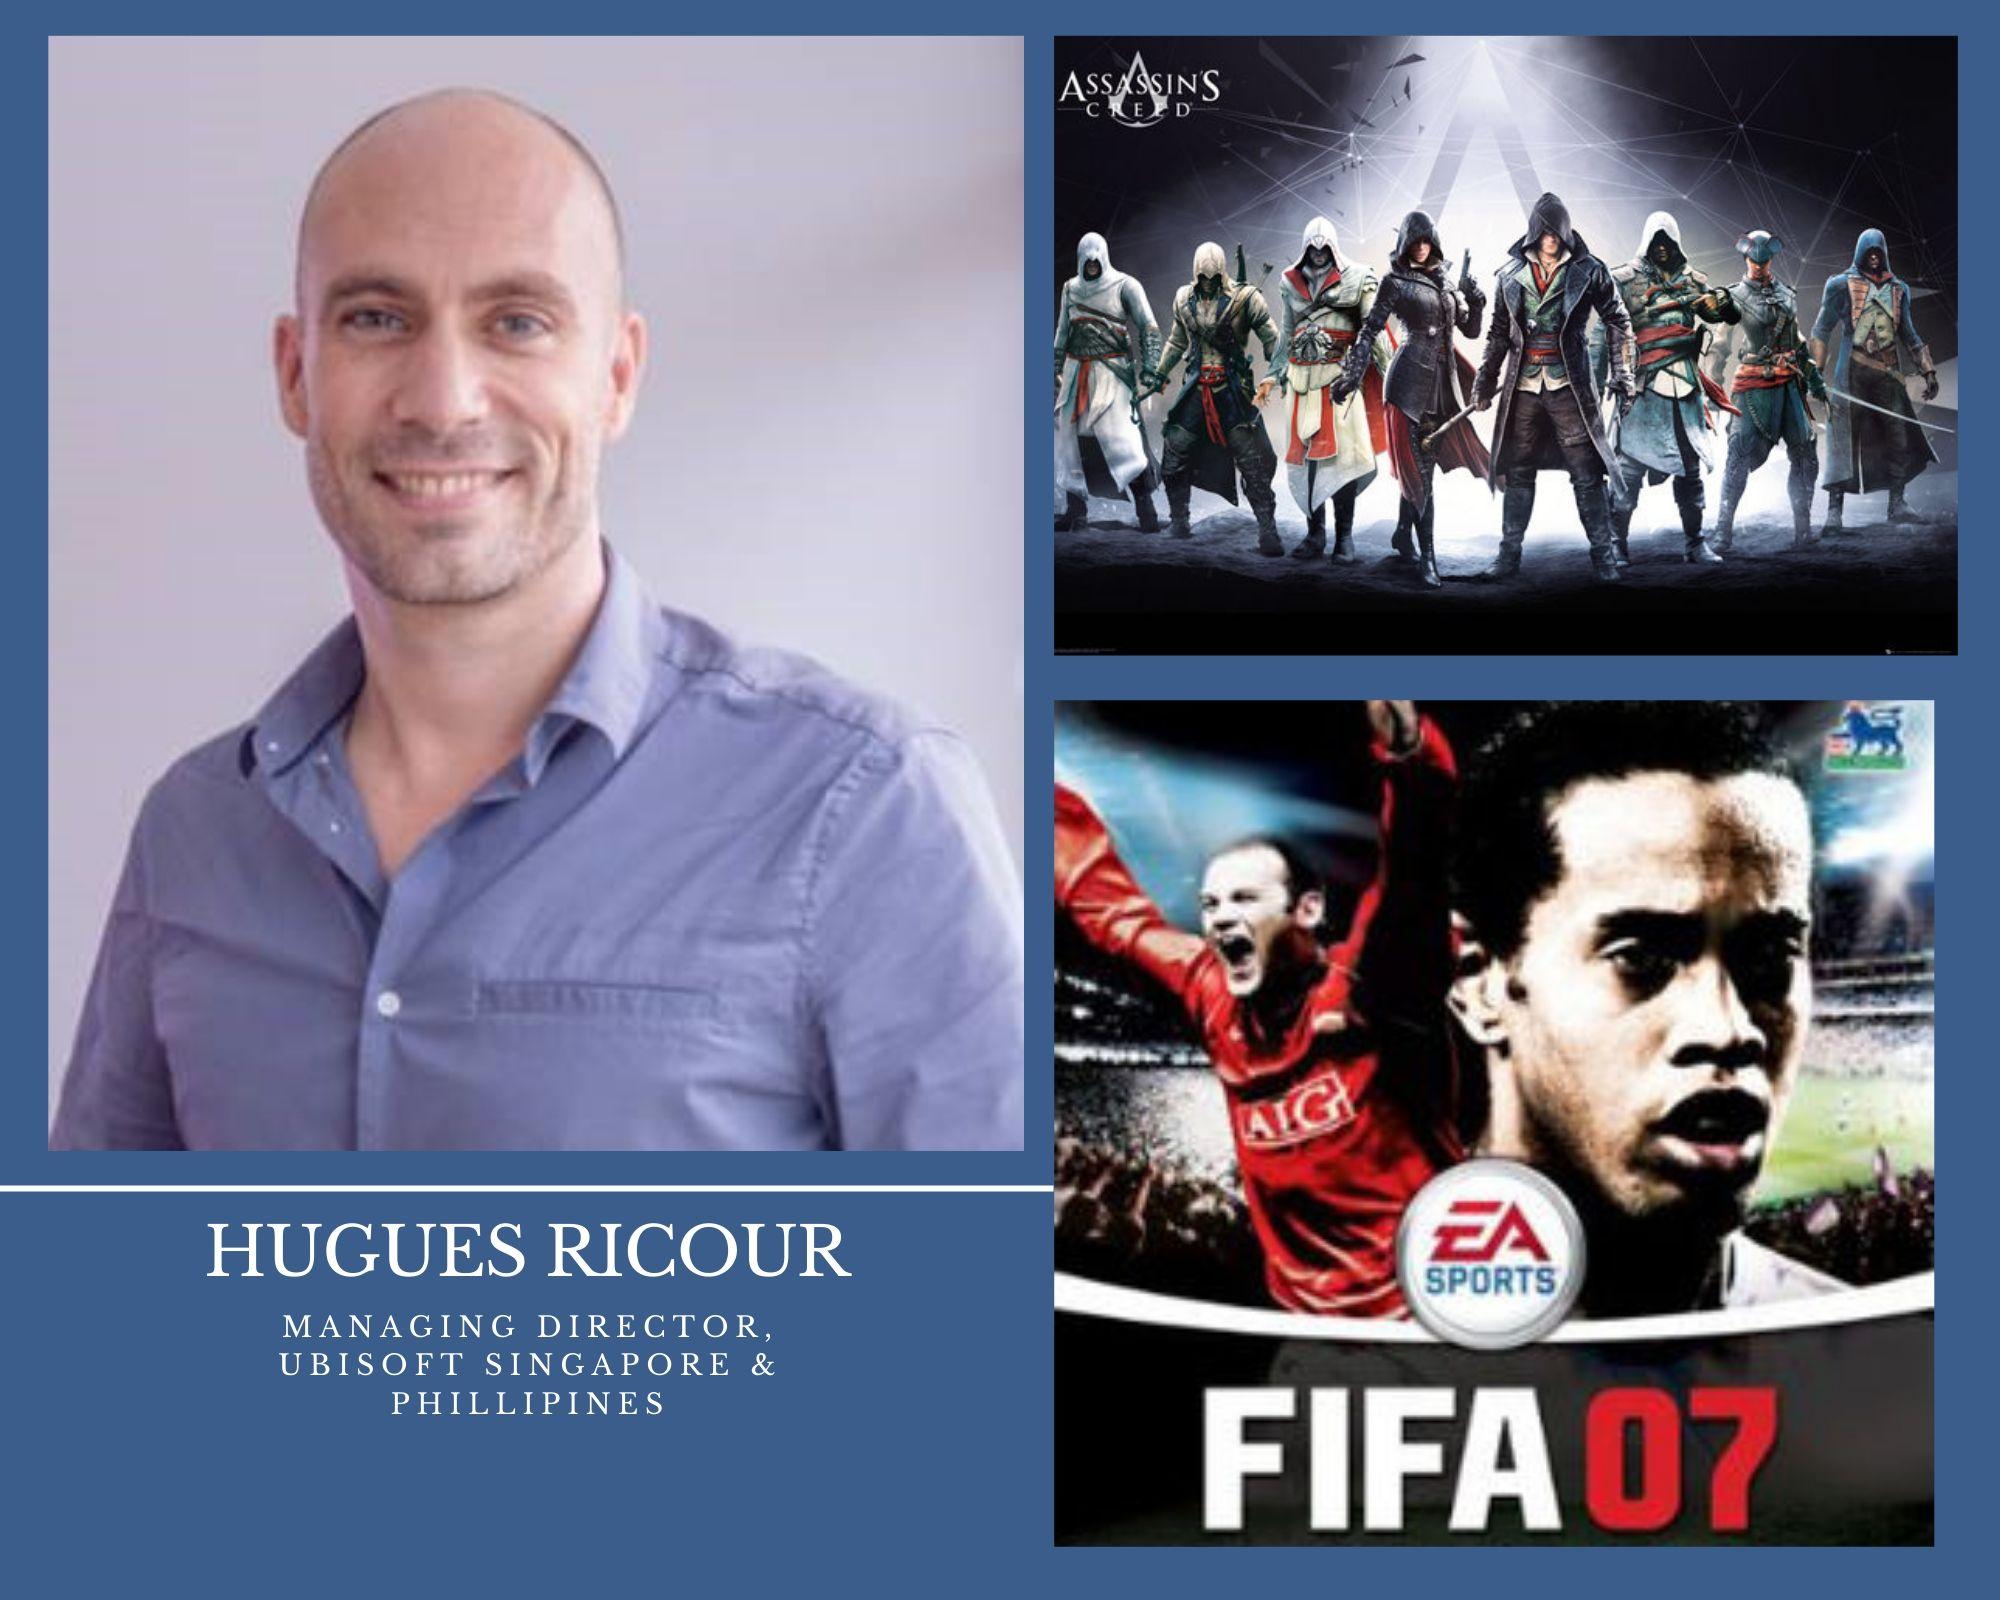 Hugues Ricour